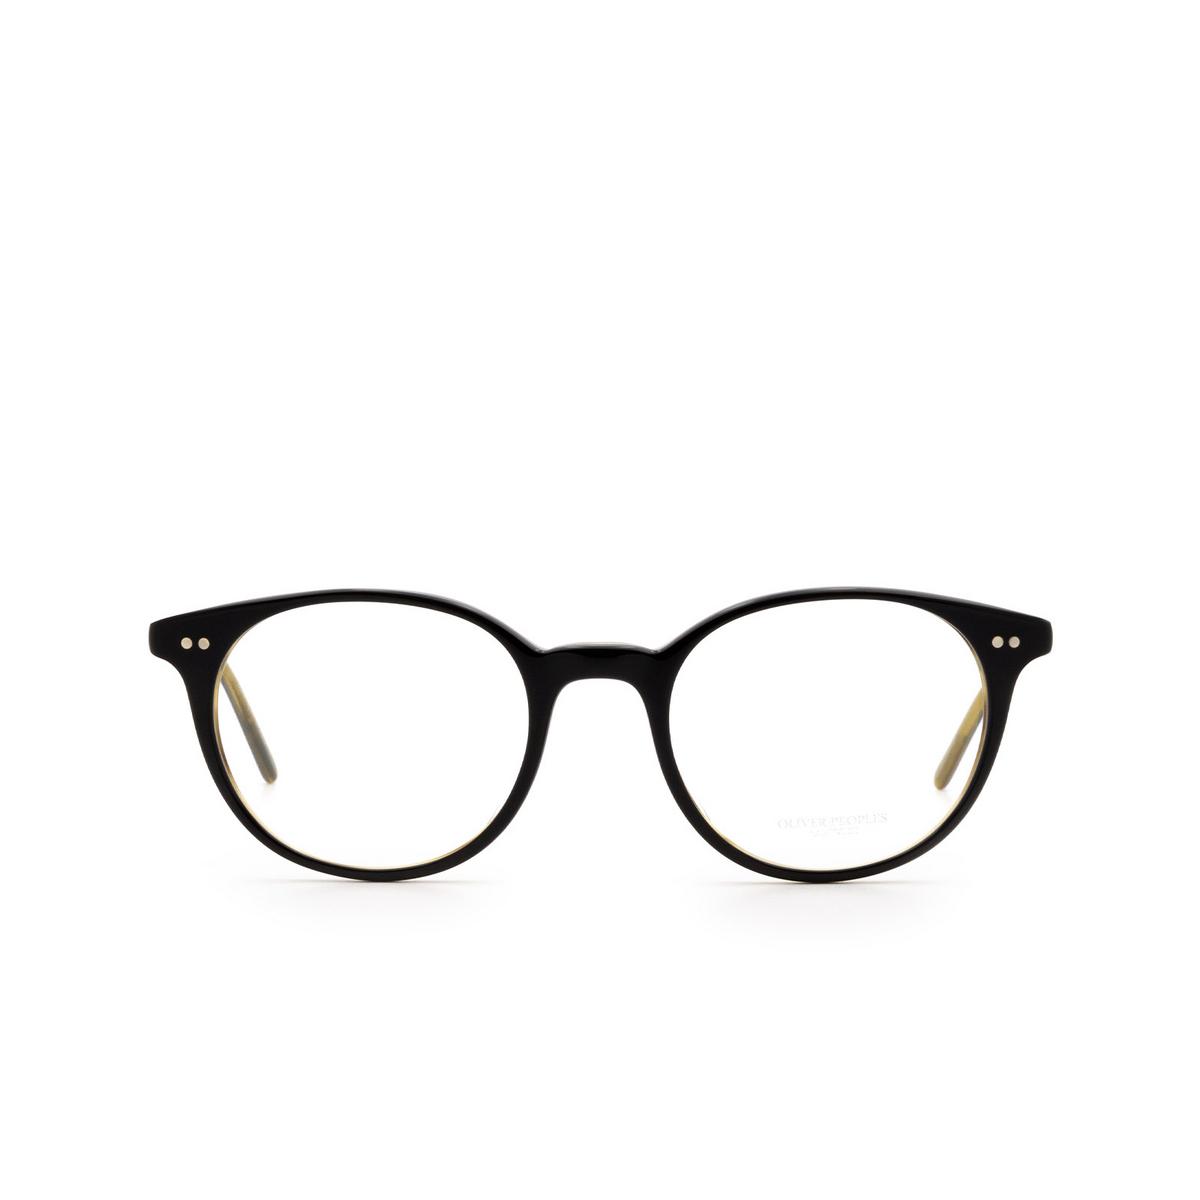 Oliver Peoples® Round Eyeglasses: Mikett OV5429U color Black / Olive Tortoise 1441.